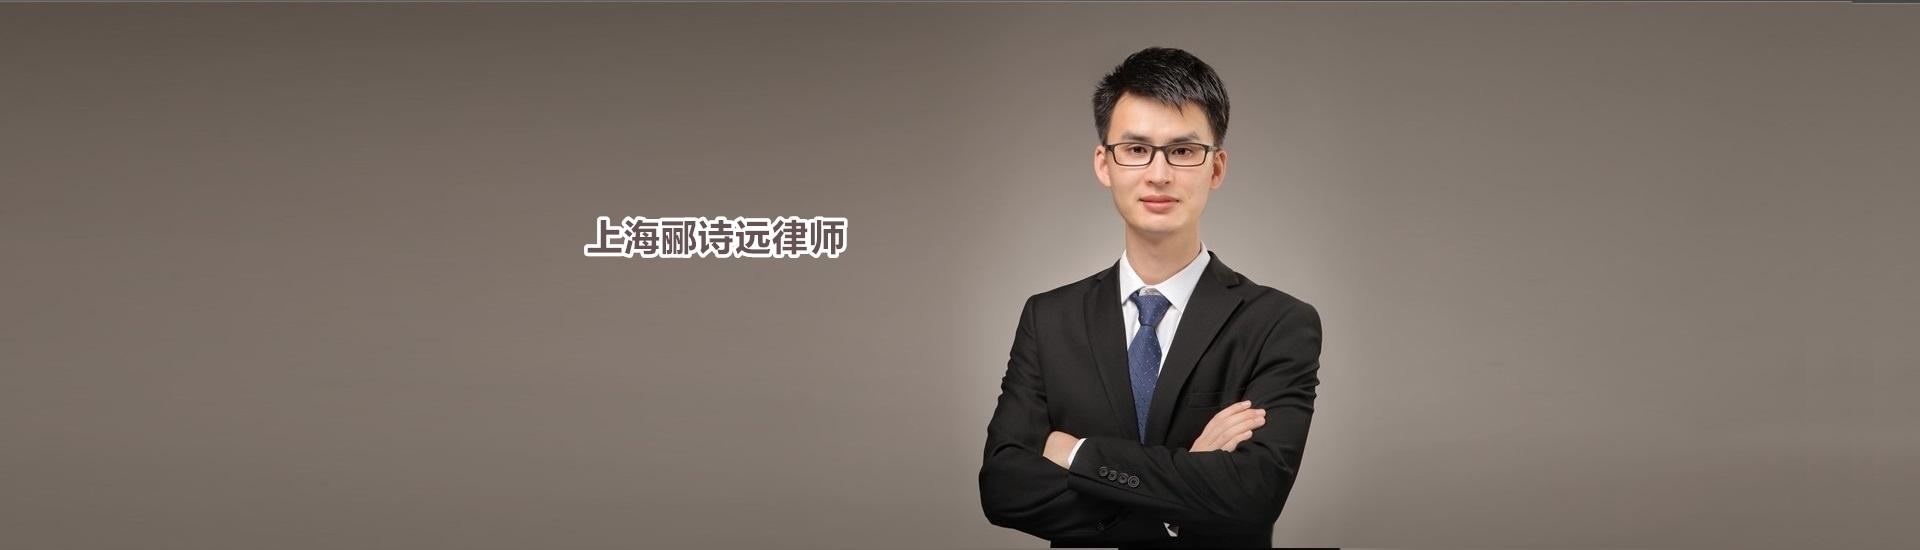 上海宝山律师222